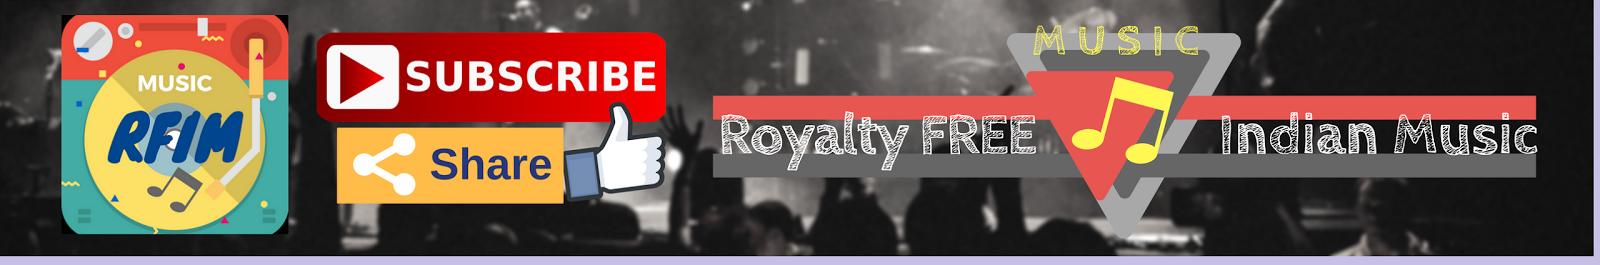 Royalty Free Indian Music,RFIM,free music